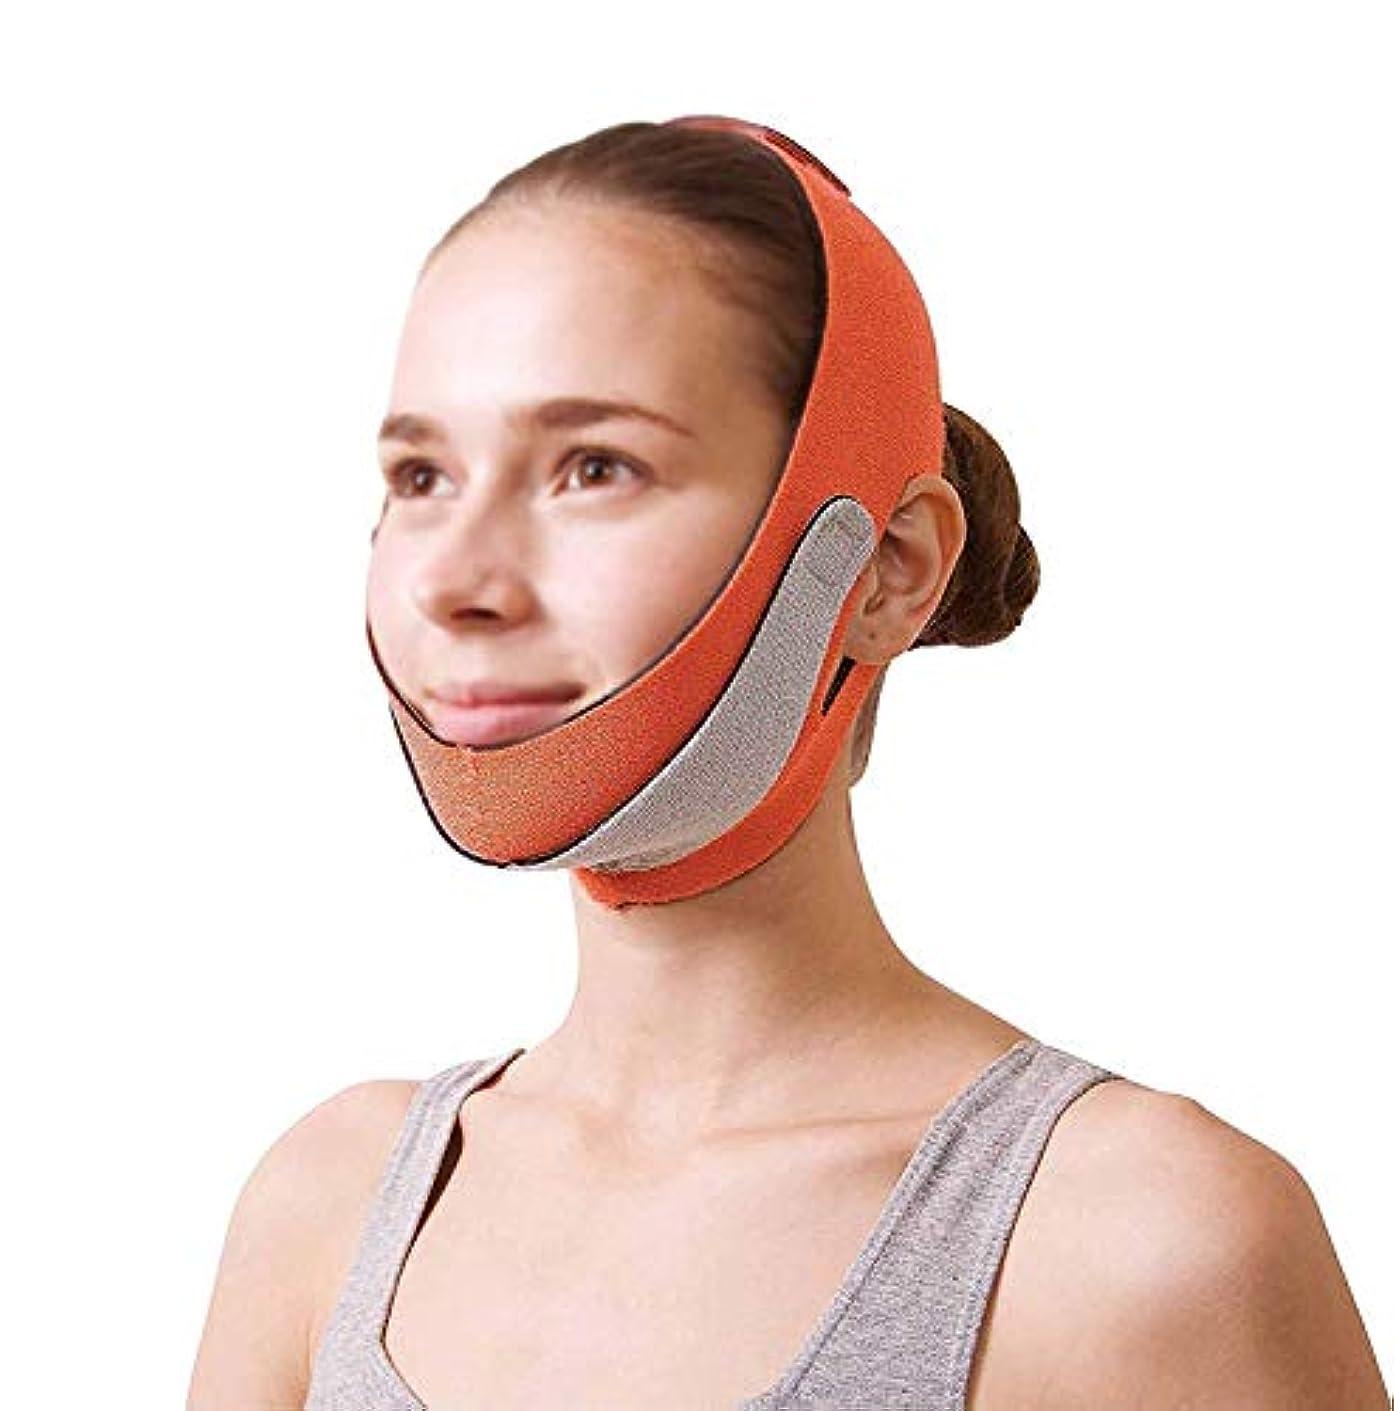 運ぶその他険しいフェイスリフトマスク、あごストラップ回復ポスト包帯ヘッドギアフェイスマスク顔薄いフェイスマスクアーティファクト美容顔と首リフトオレンジマスク